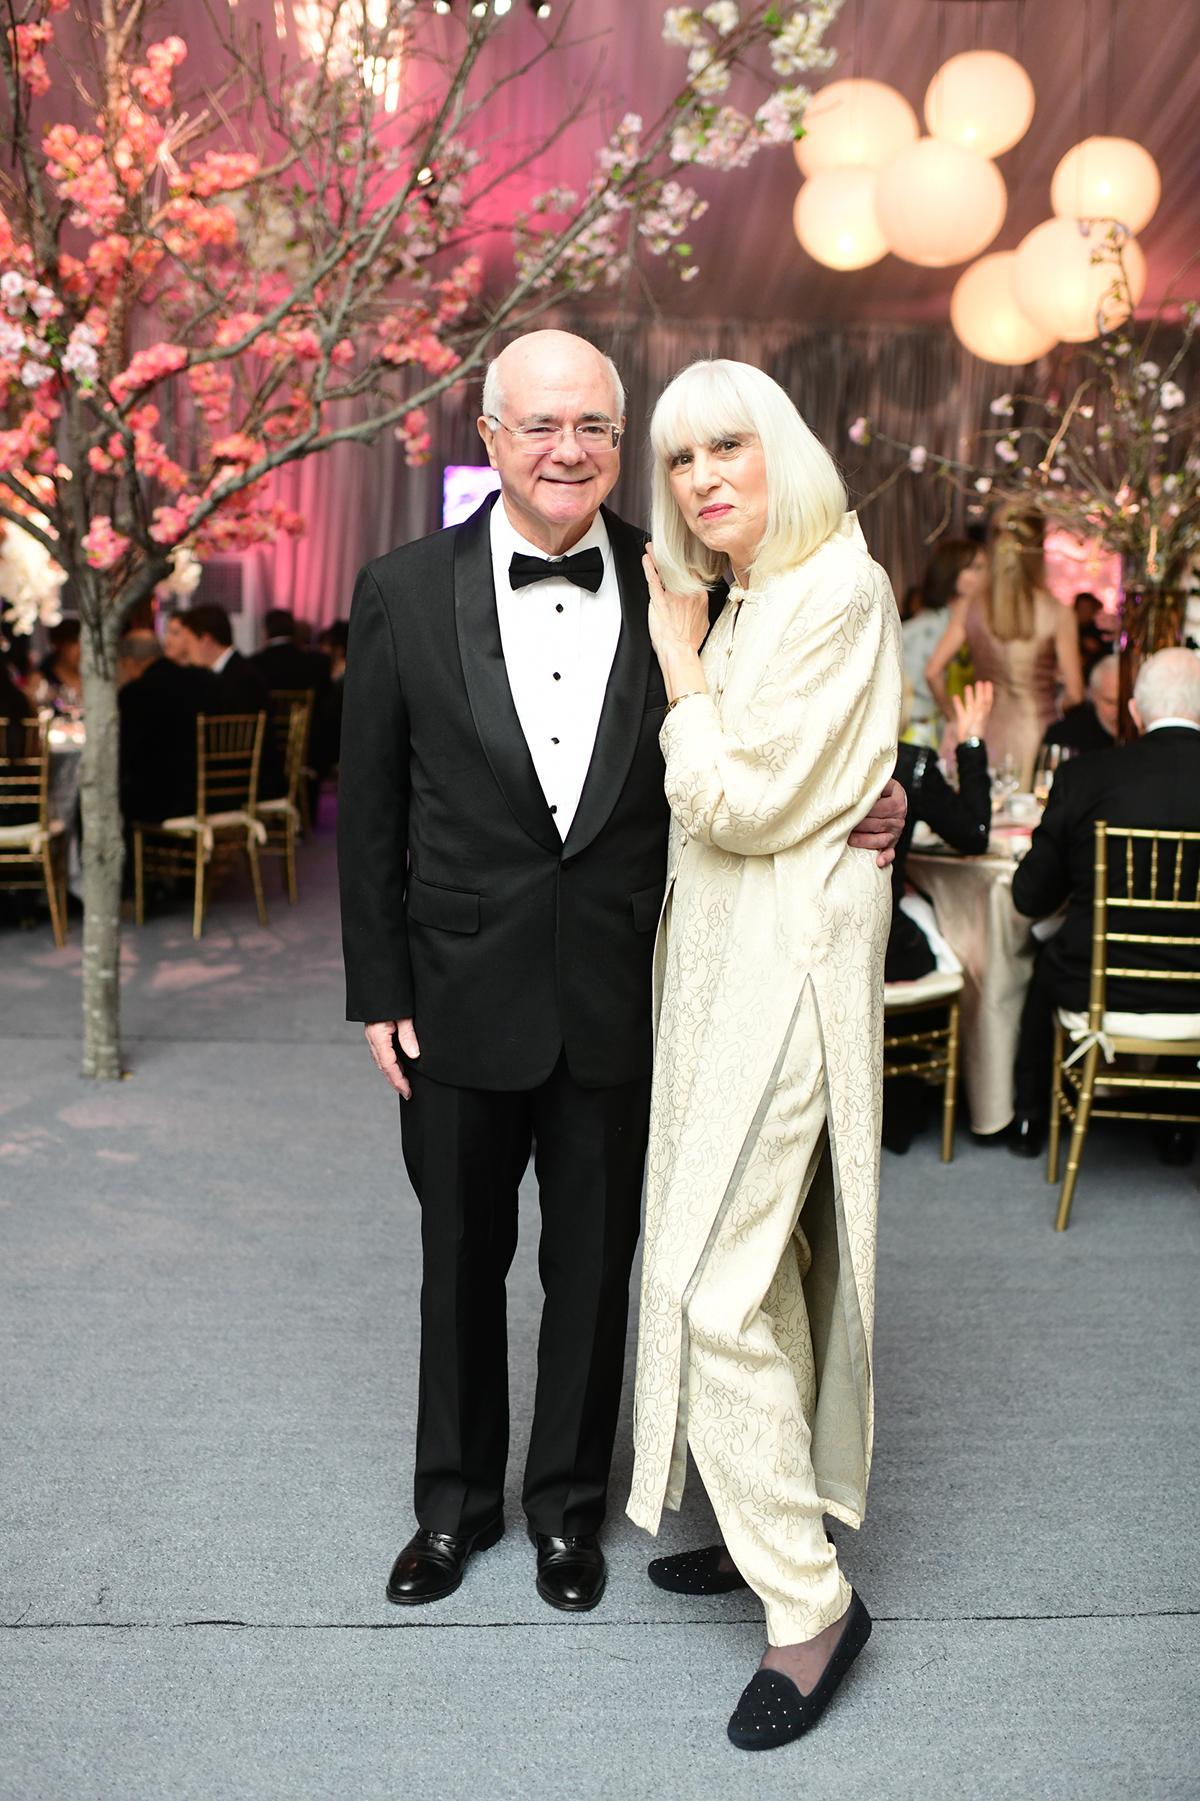 John and Julie Cogan